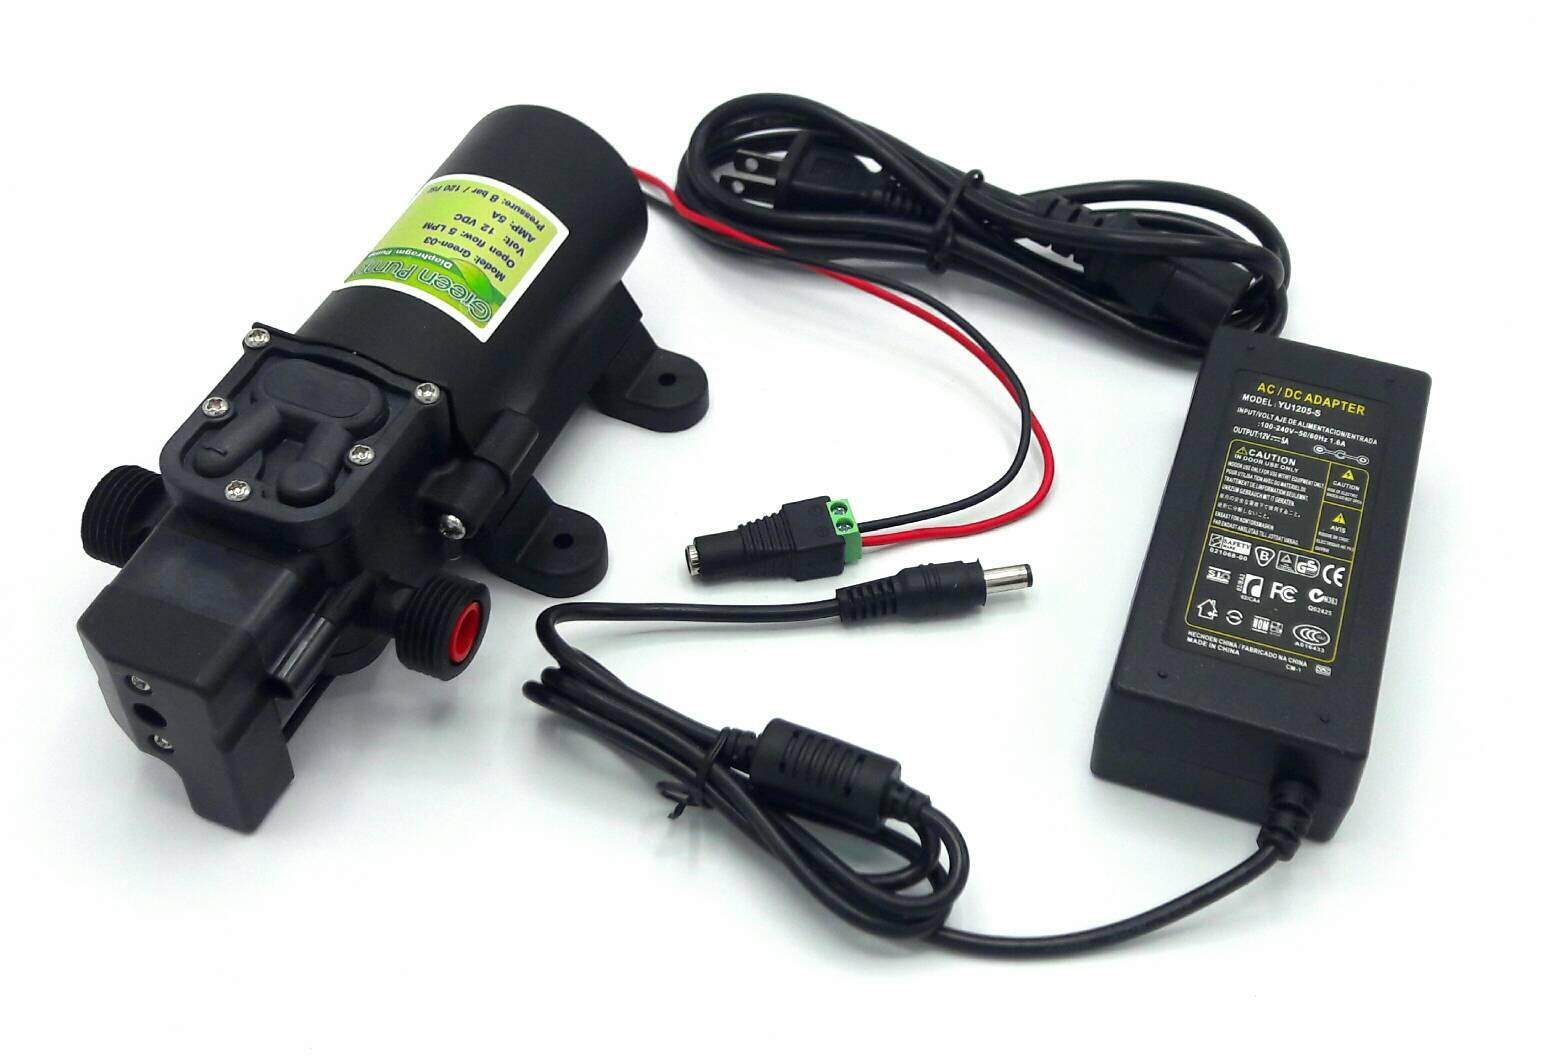 ปั๊มน้ำ ปั๊มพ่นยา Dc12v Green-03แรงดัน 8 บาร์ แบบเกลียวนอก 1/2 + Adapter 12vdc 5a 5.5 Mm. X 2.5 Mm. รุ่น Yu1205 + แจ็ค Dc ( ตัวเมีย ).